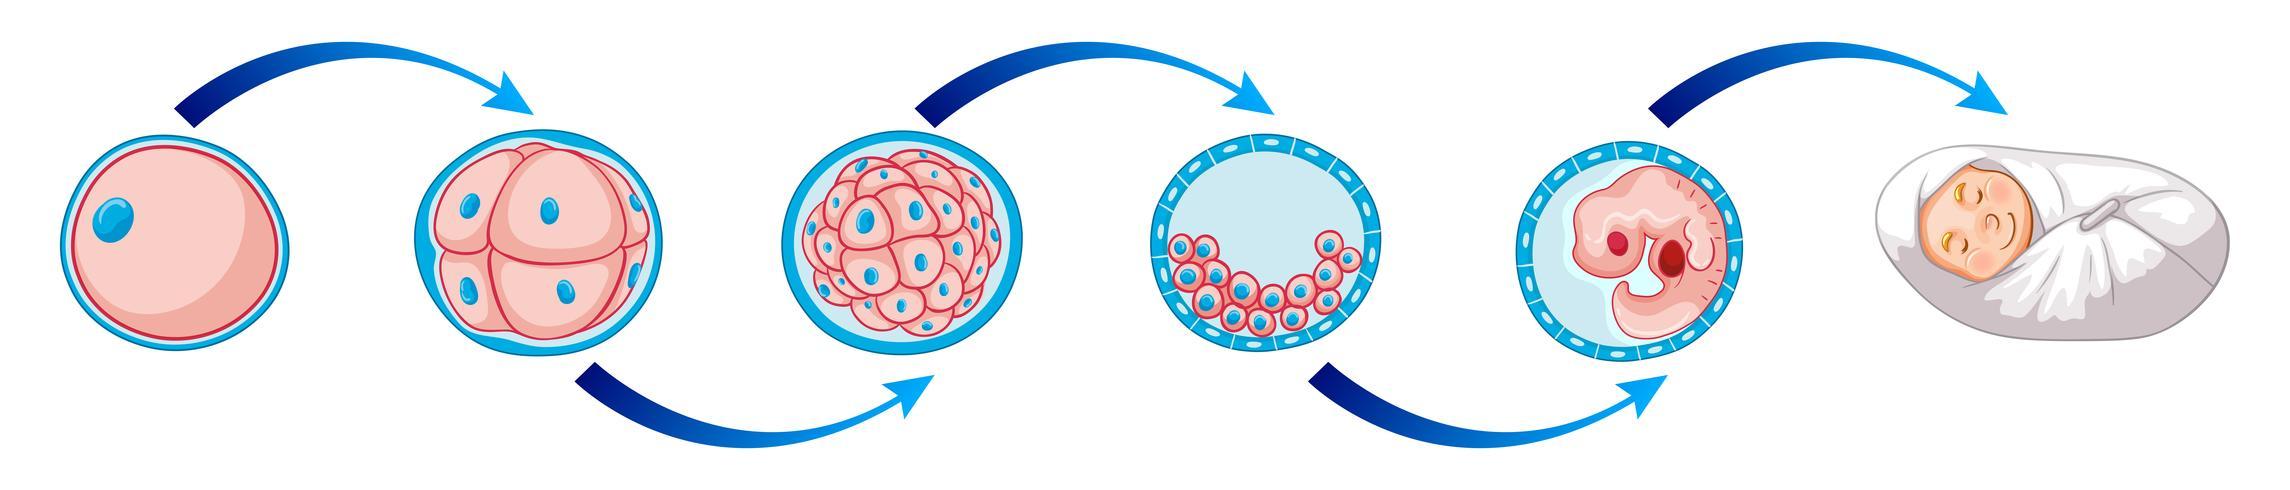 Diagramma di Sciene che mostra come nasce il bambino vettore